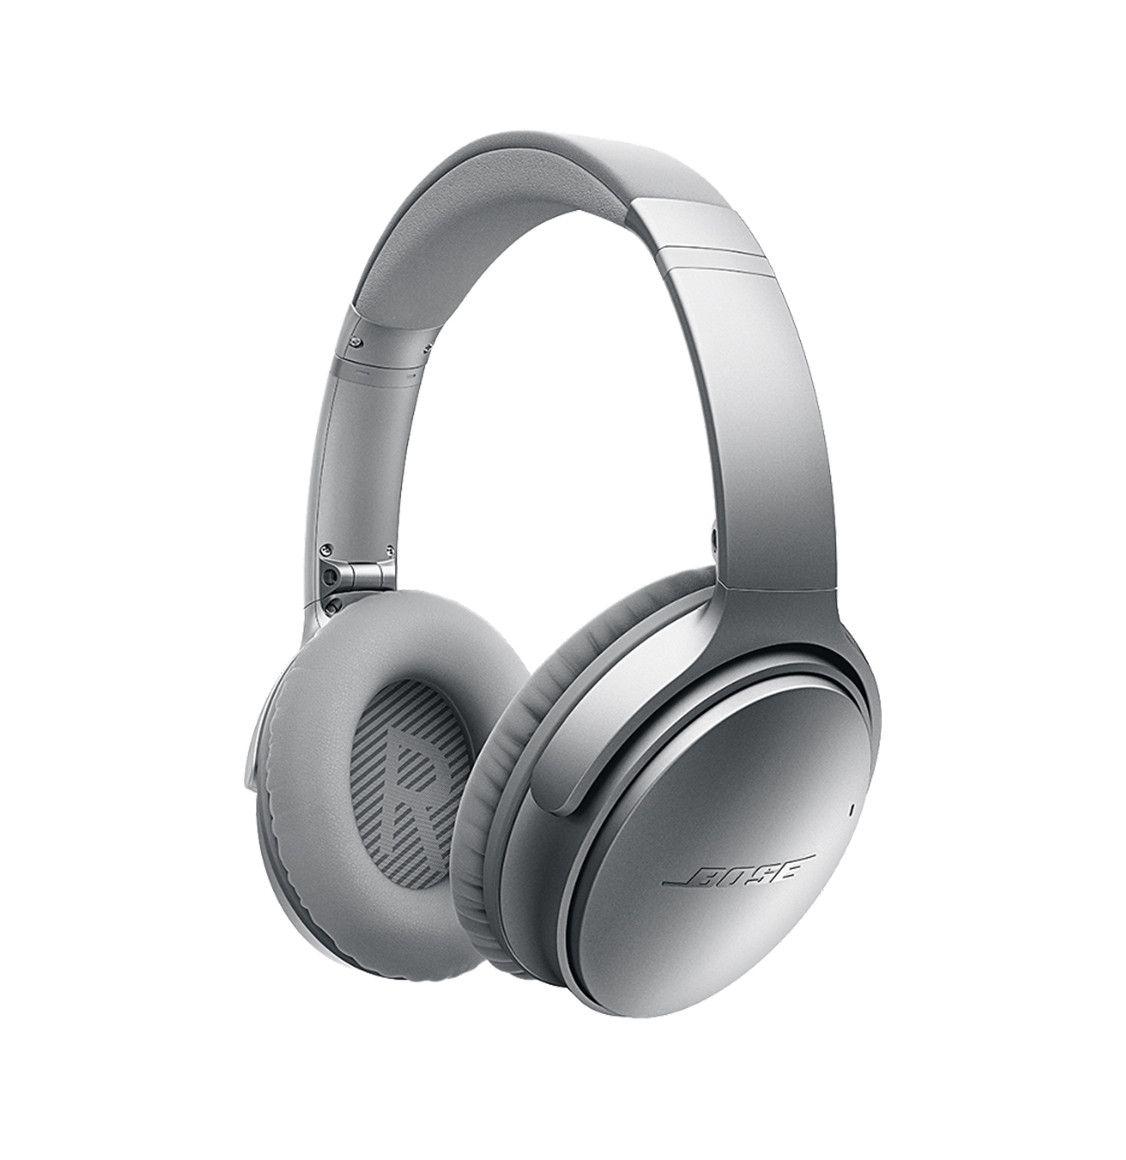 Bose Quiet Comfort Qc 35 Wireless Headphones Silver Wireless Headphones Headphones Bluetooth Noise Cancelling Headphones